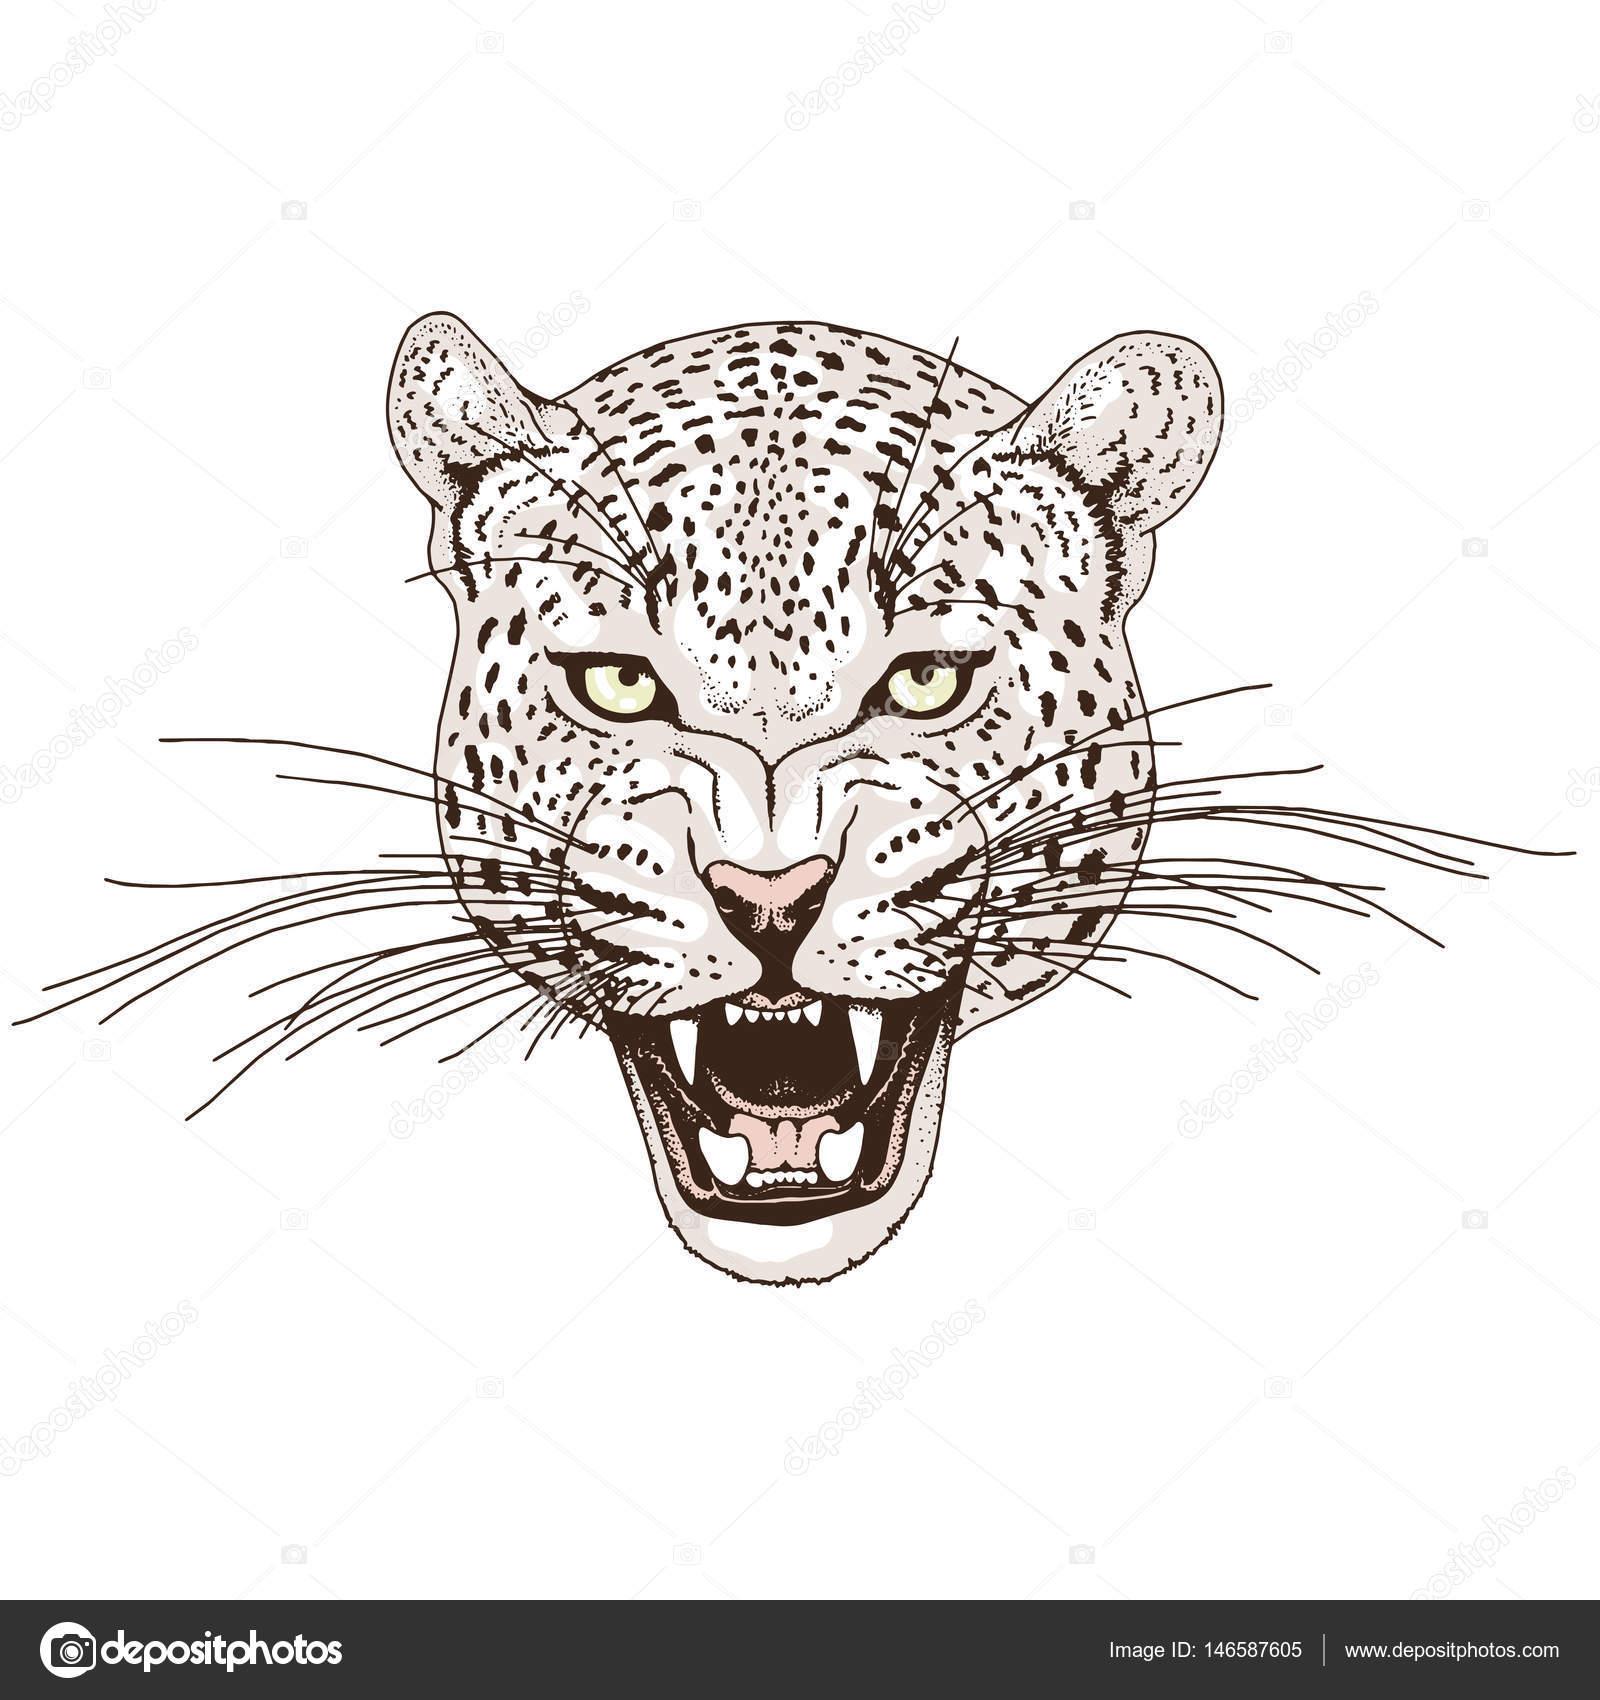 Leopar dövmelerin anlamı nedir